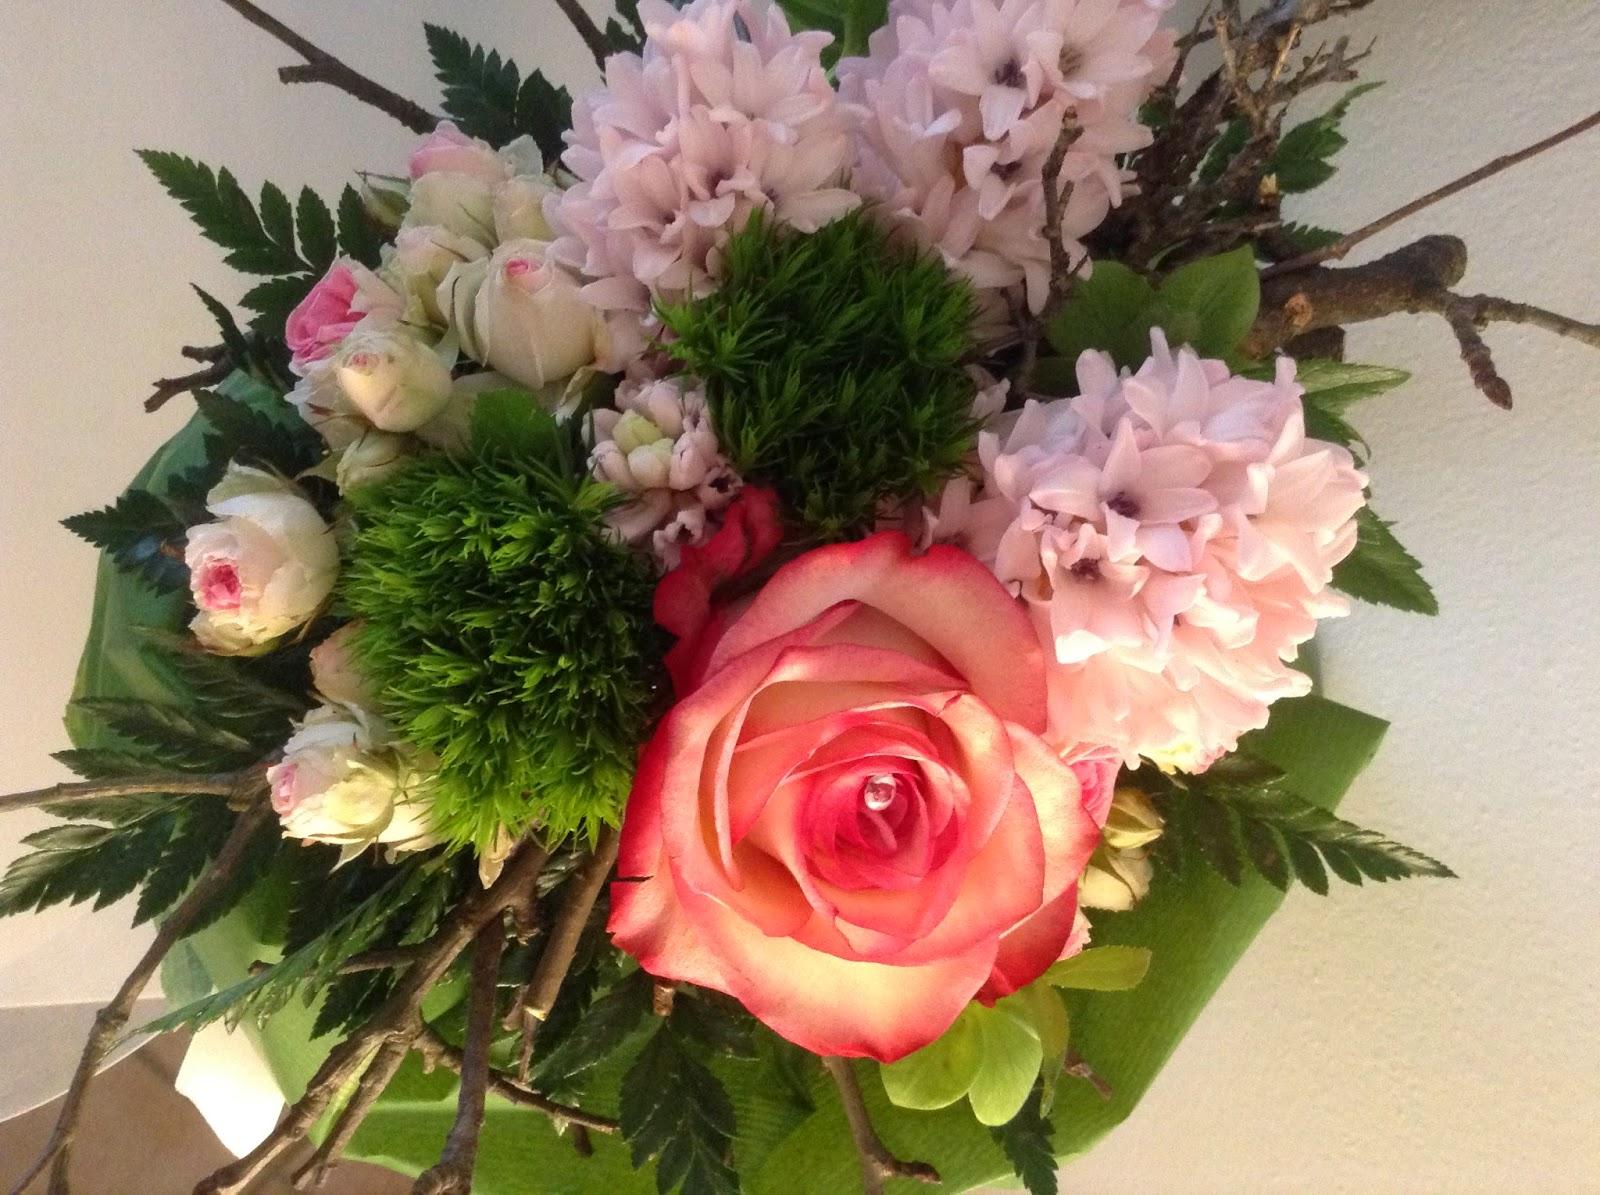 Immagini fiori bellissimi for Immagini per desktop fiori